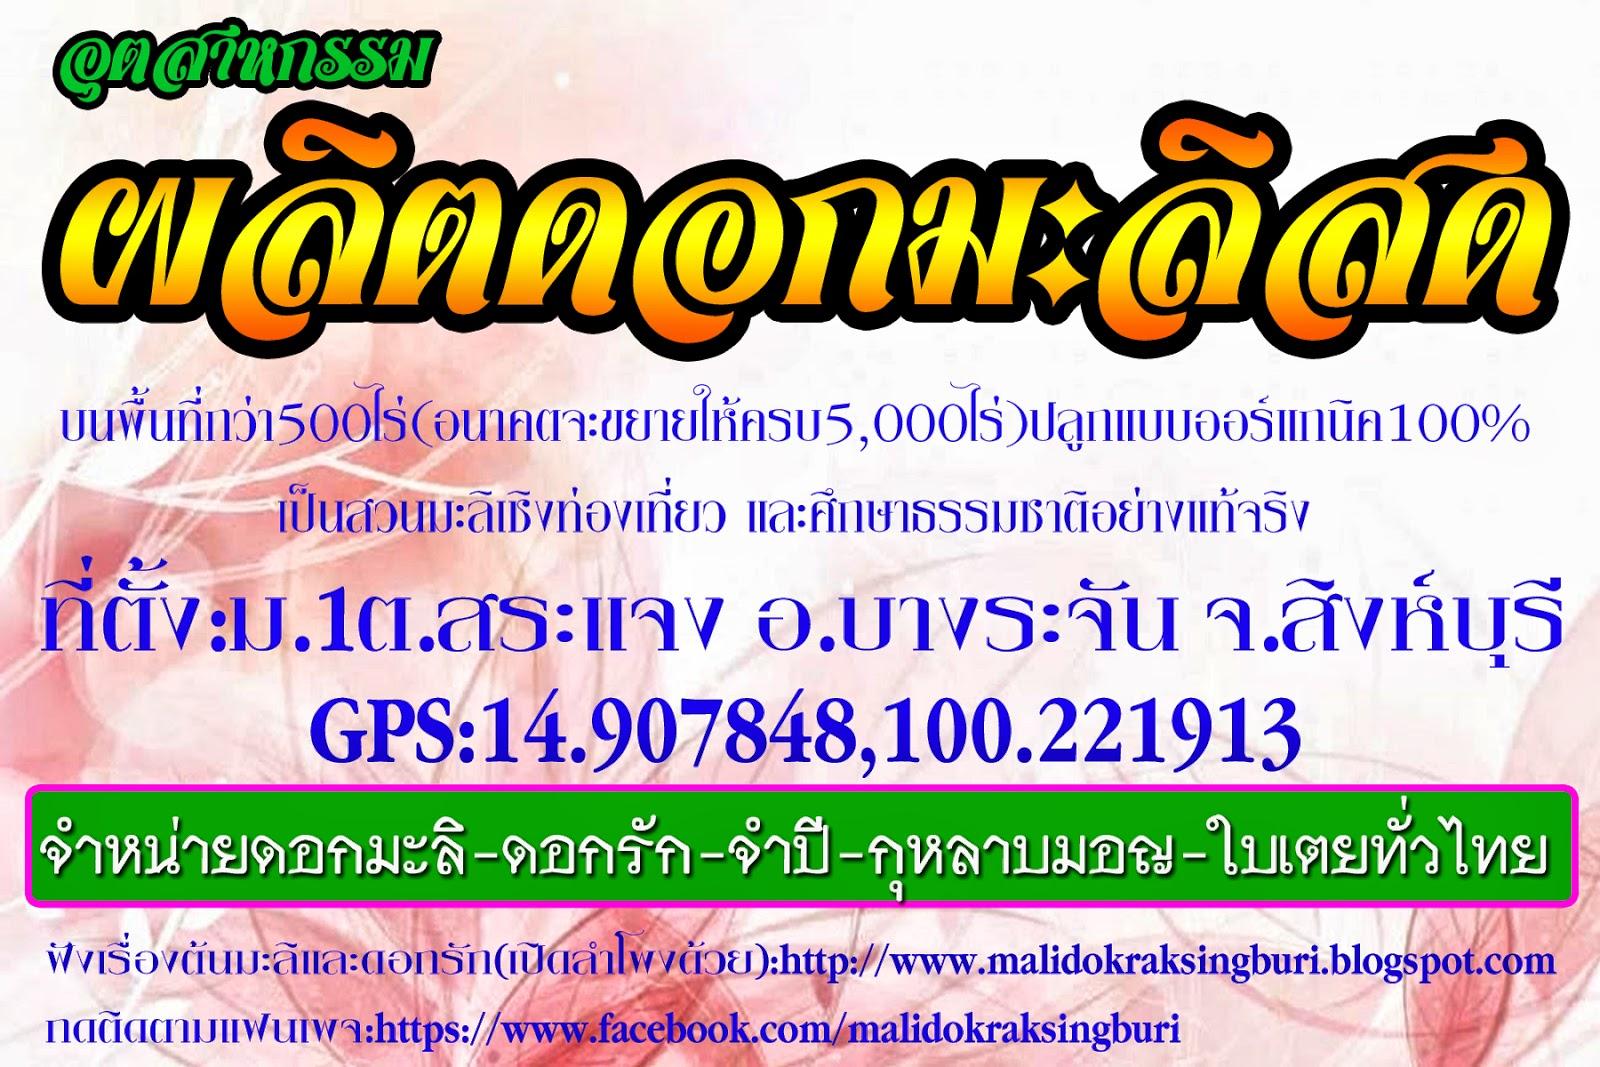 https://www.facebook.com/malidokraksingburi